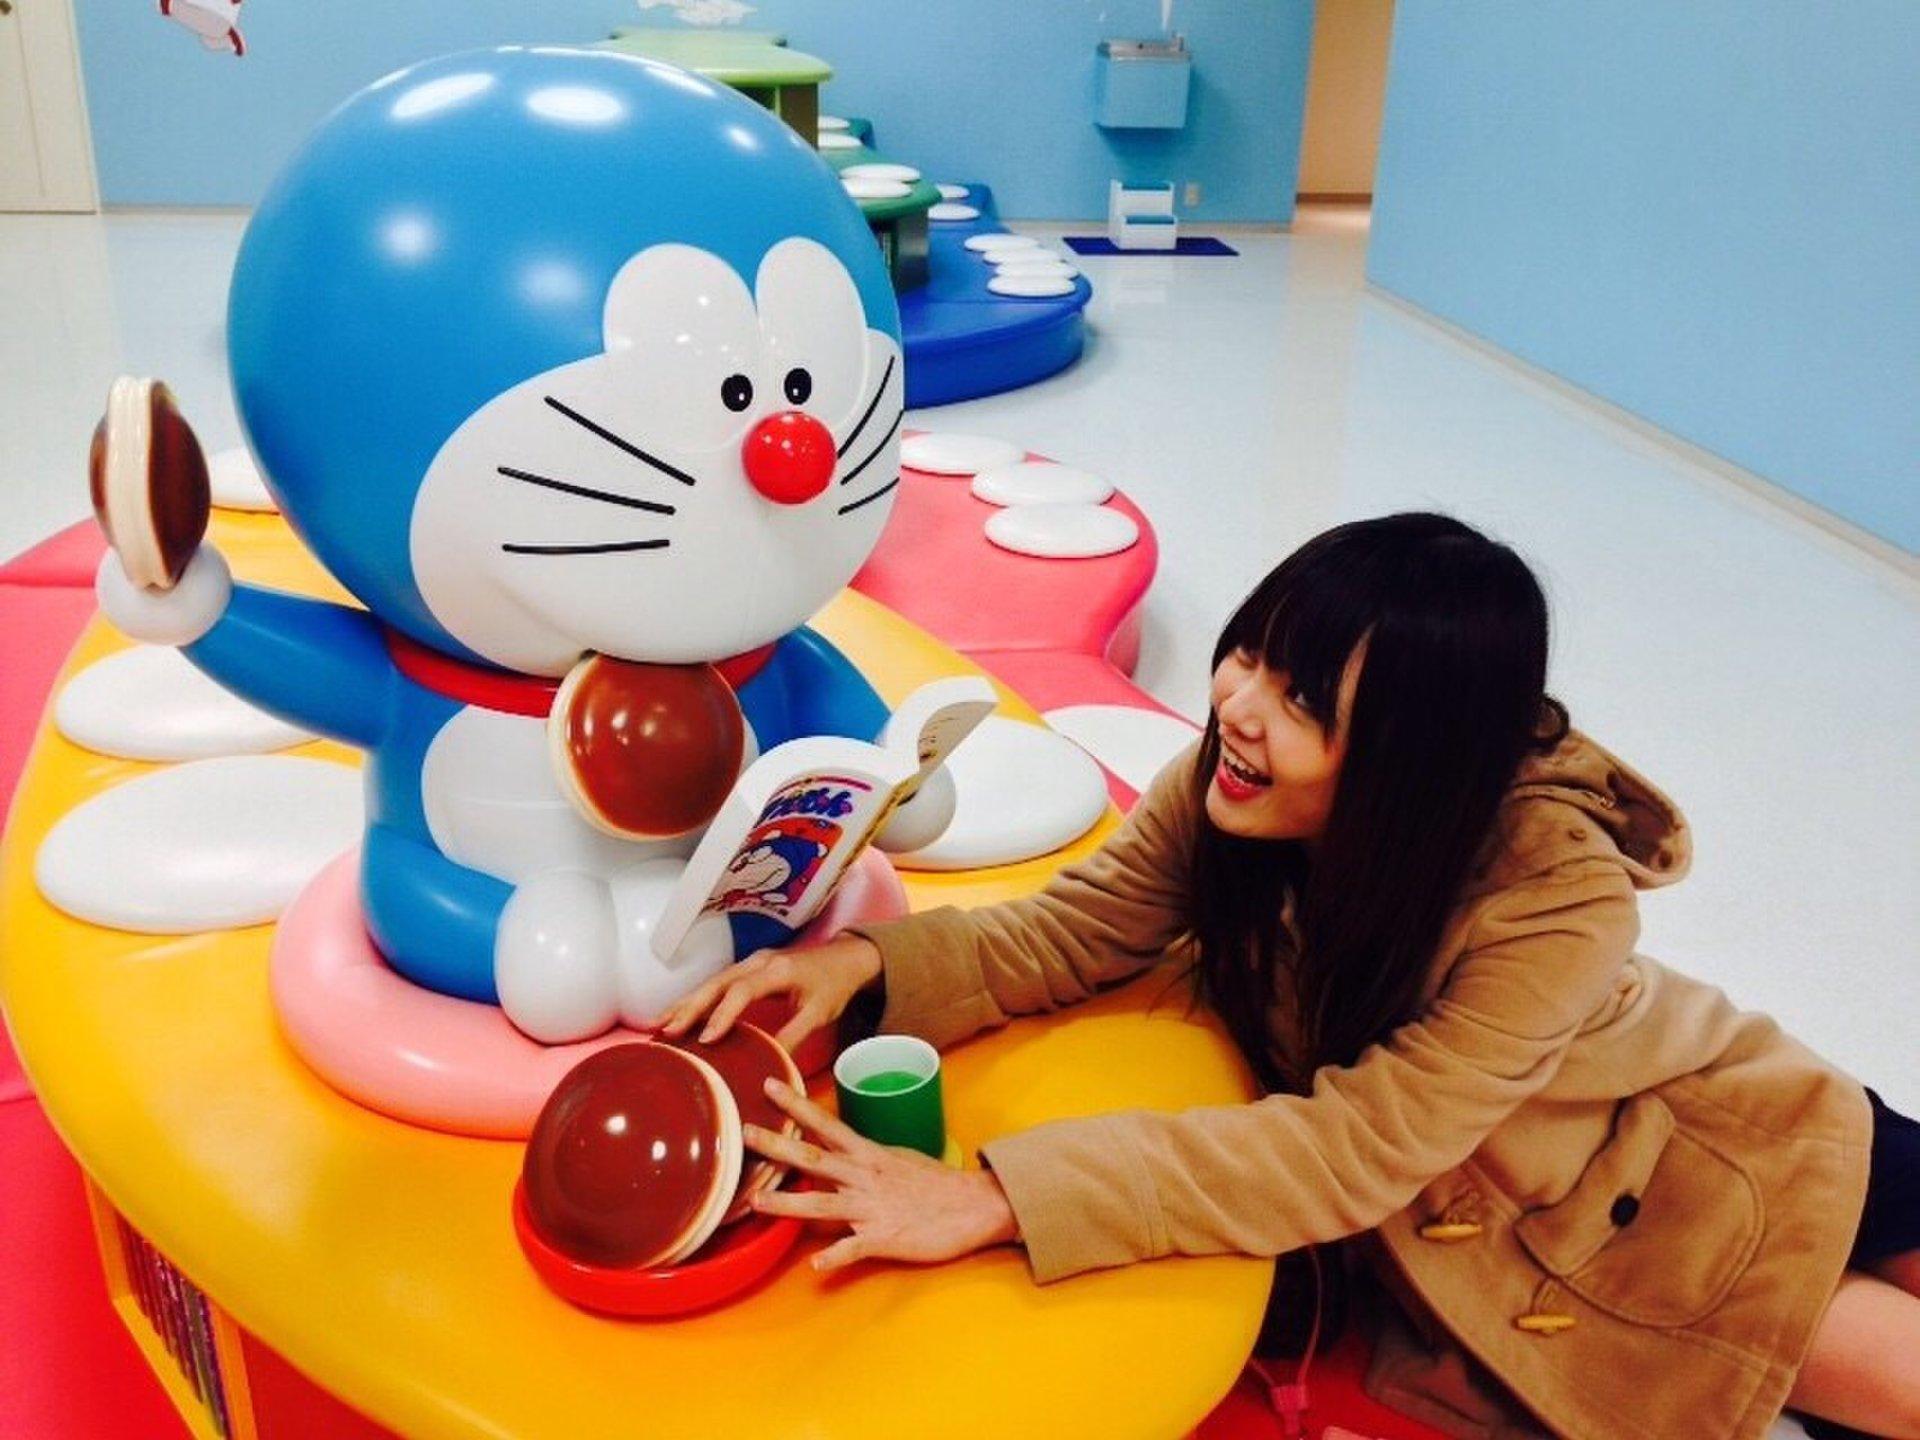 【みんな大好きドラえもんに会いに行こう!】日本国内でドラえもんに会えるスポット特集!